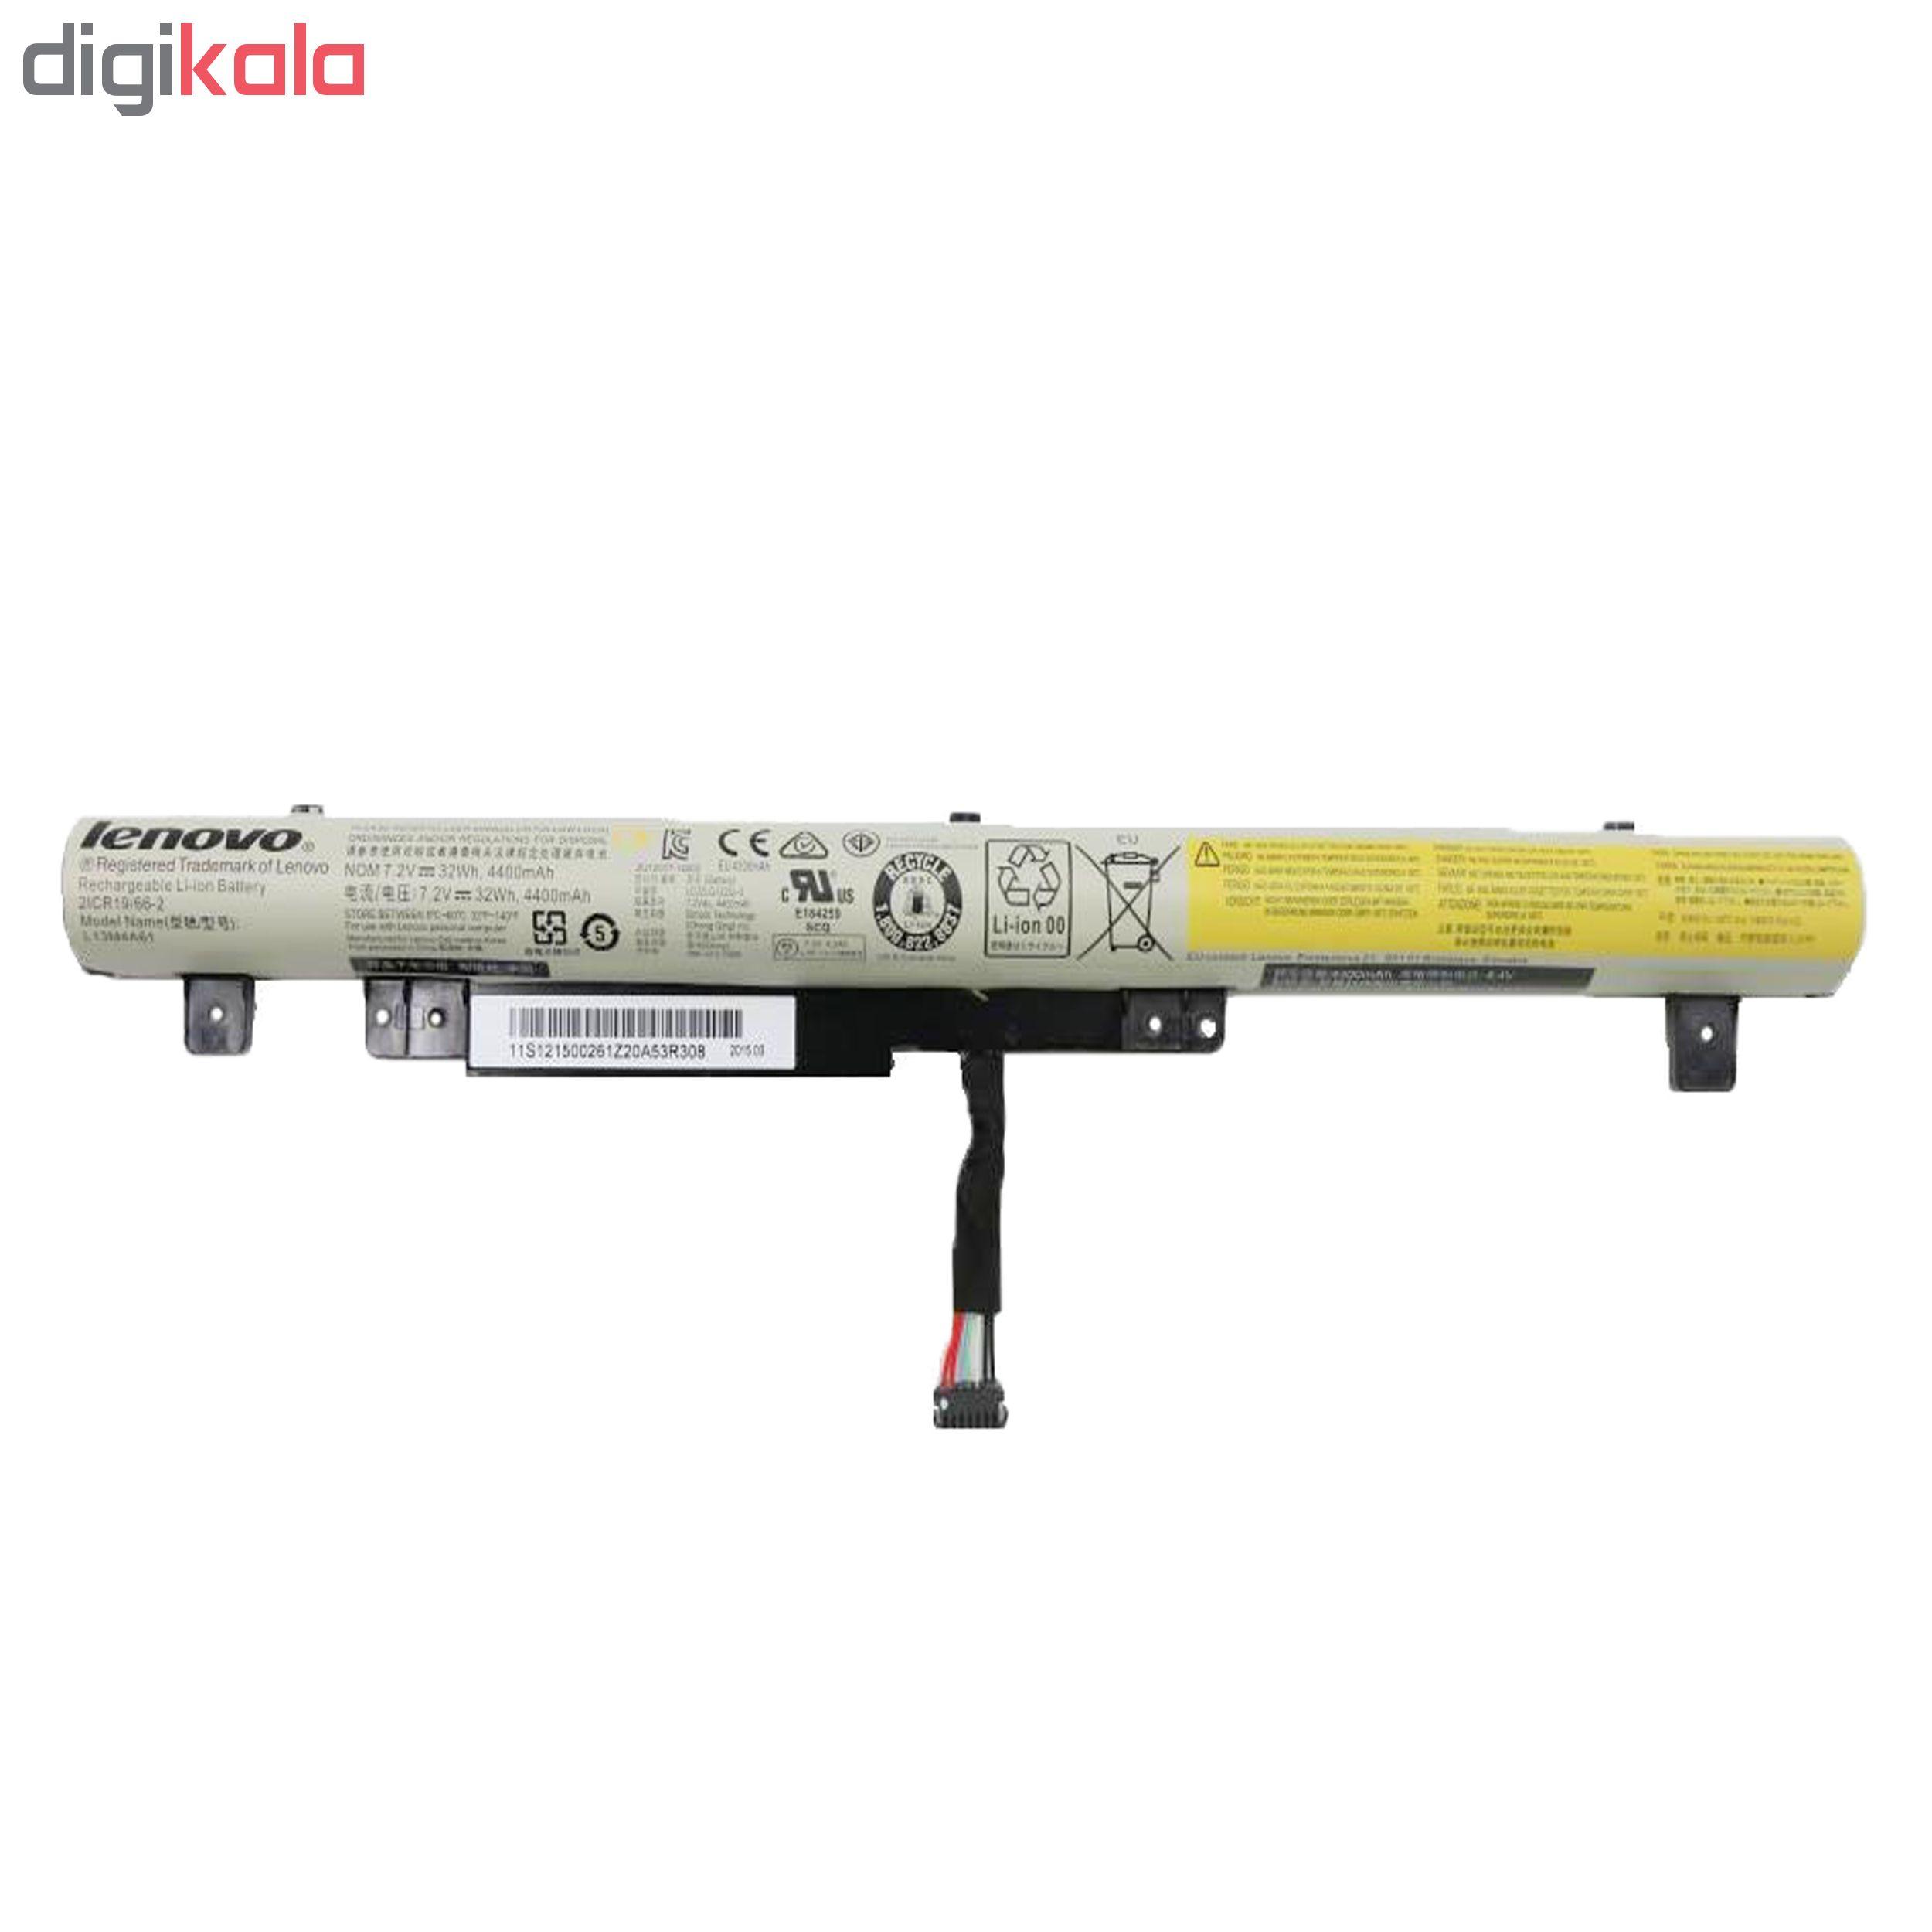 باتری لپ تاپ 4 سلولی مدل L13L4A61 مناسب برای لپ تاپ لنوو IdeaPad Flex2 main 1 1